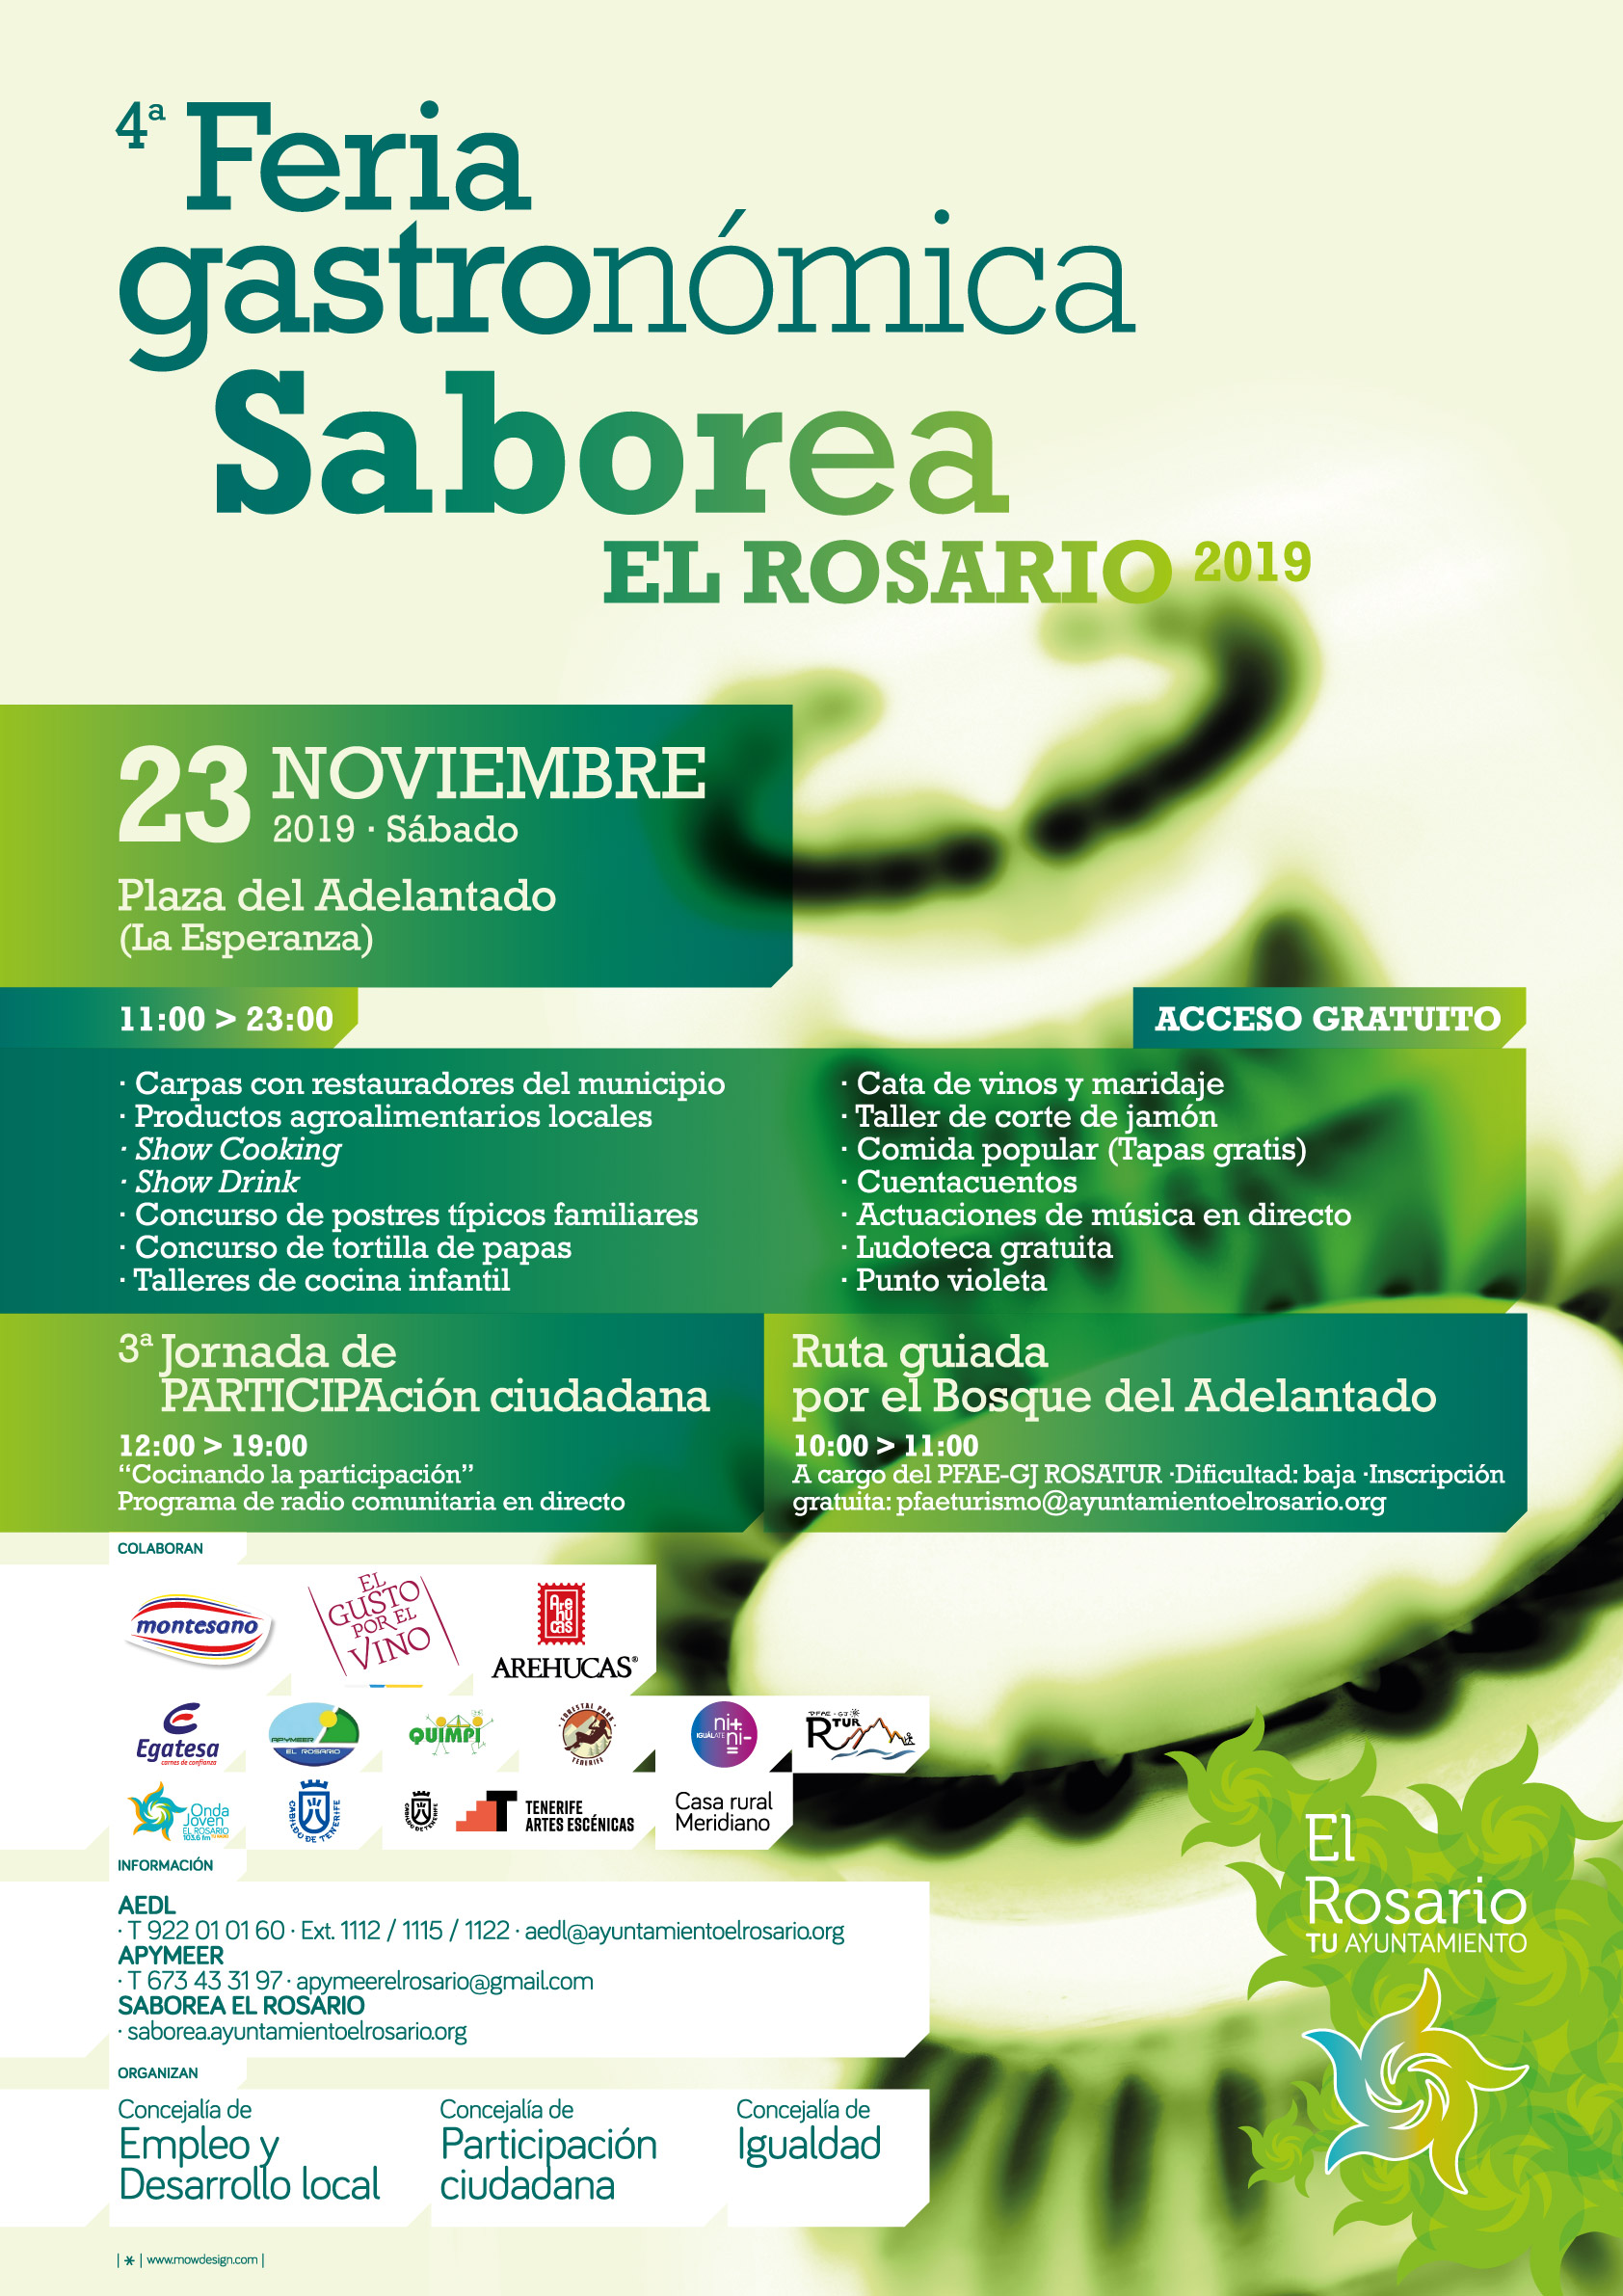 SABOREA_EL_ROSARIO-FERIA_GASTRONOMICA-2019-20191123-CARTEL_A3-20191115-01af-redes